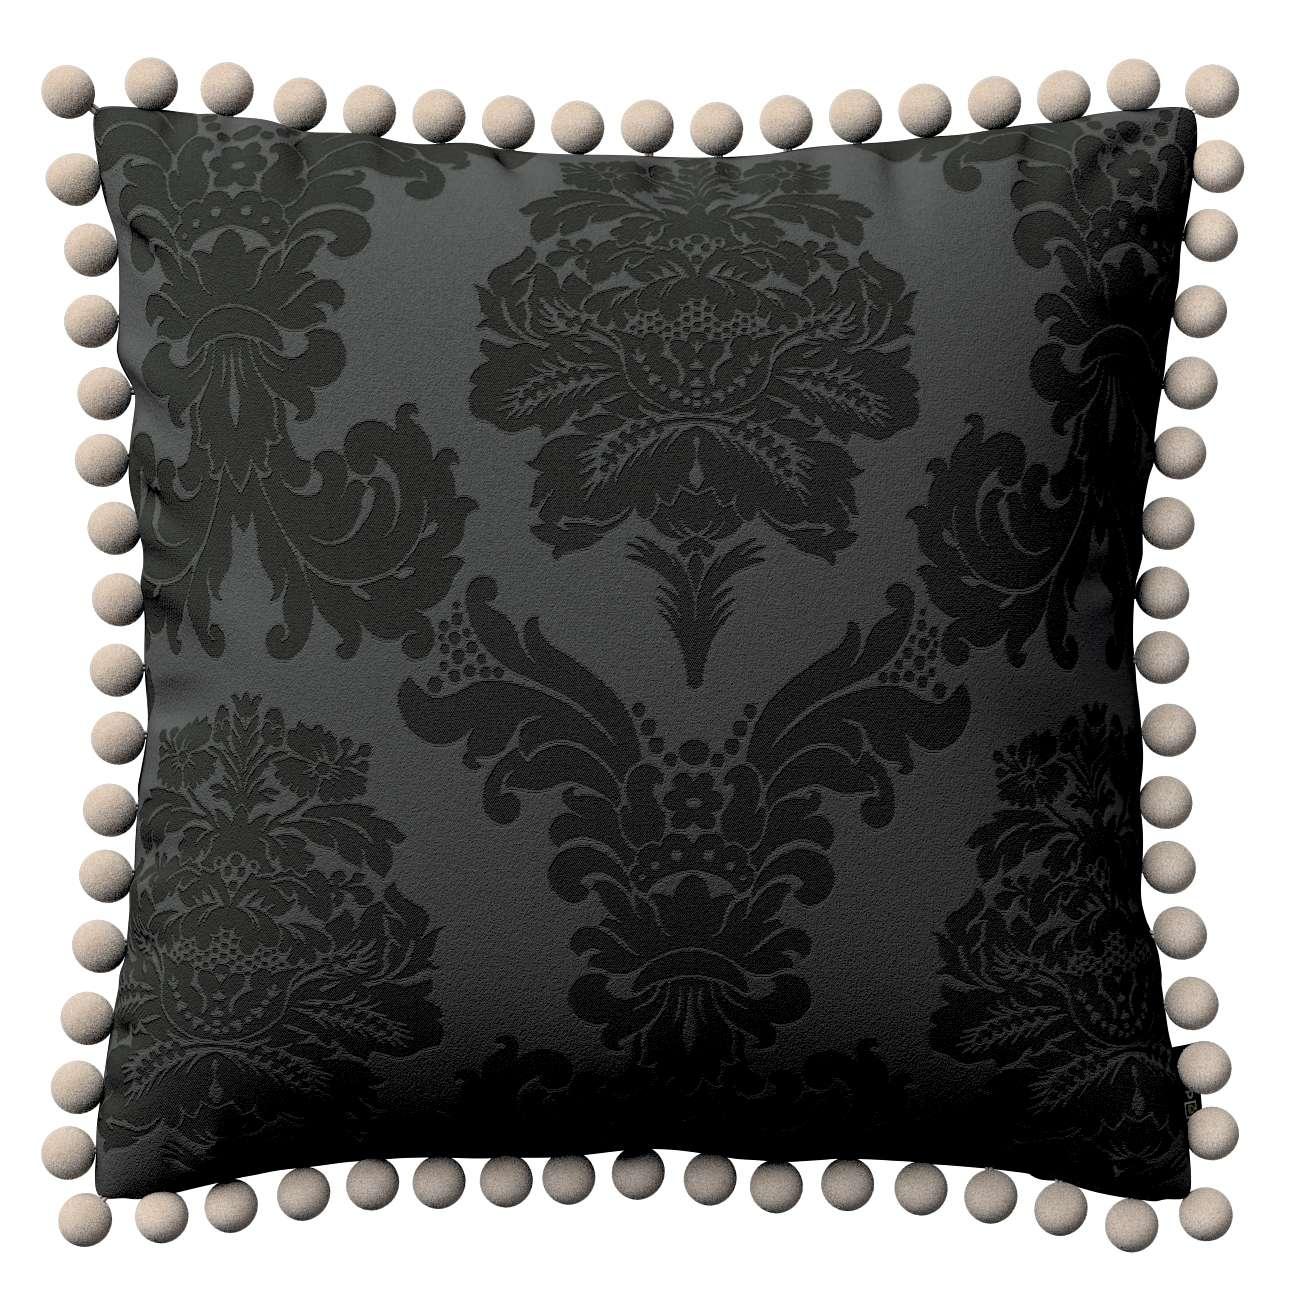 Poszewka Wera na poduszkę 45 x 45 cm w kolekcji Damasco, tkanina: 613-32